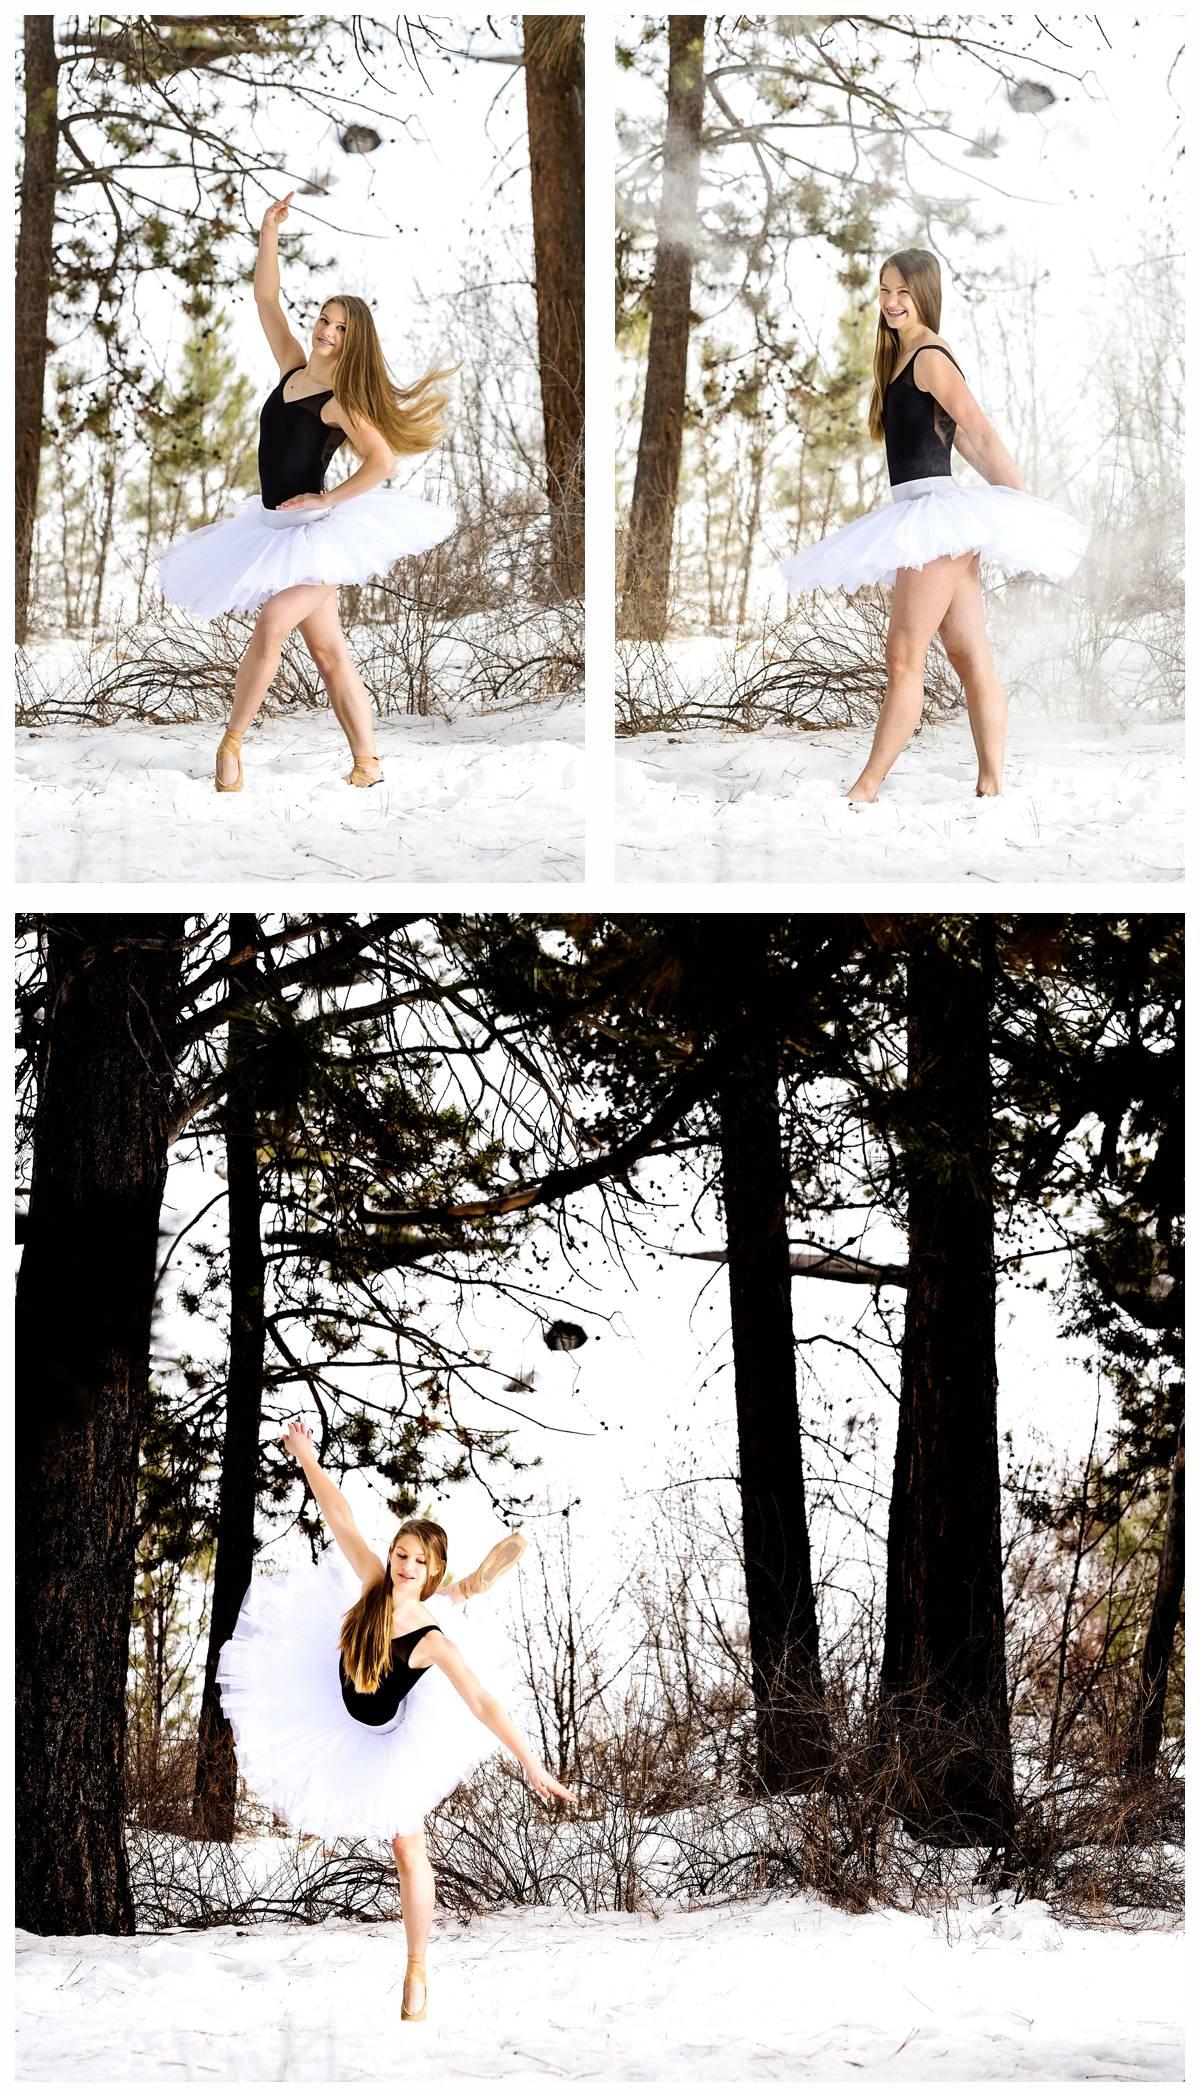 shevlin park ballerinas 4.jpg